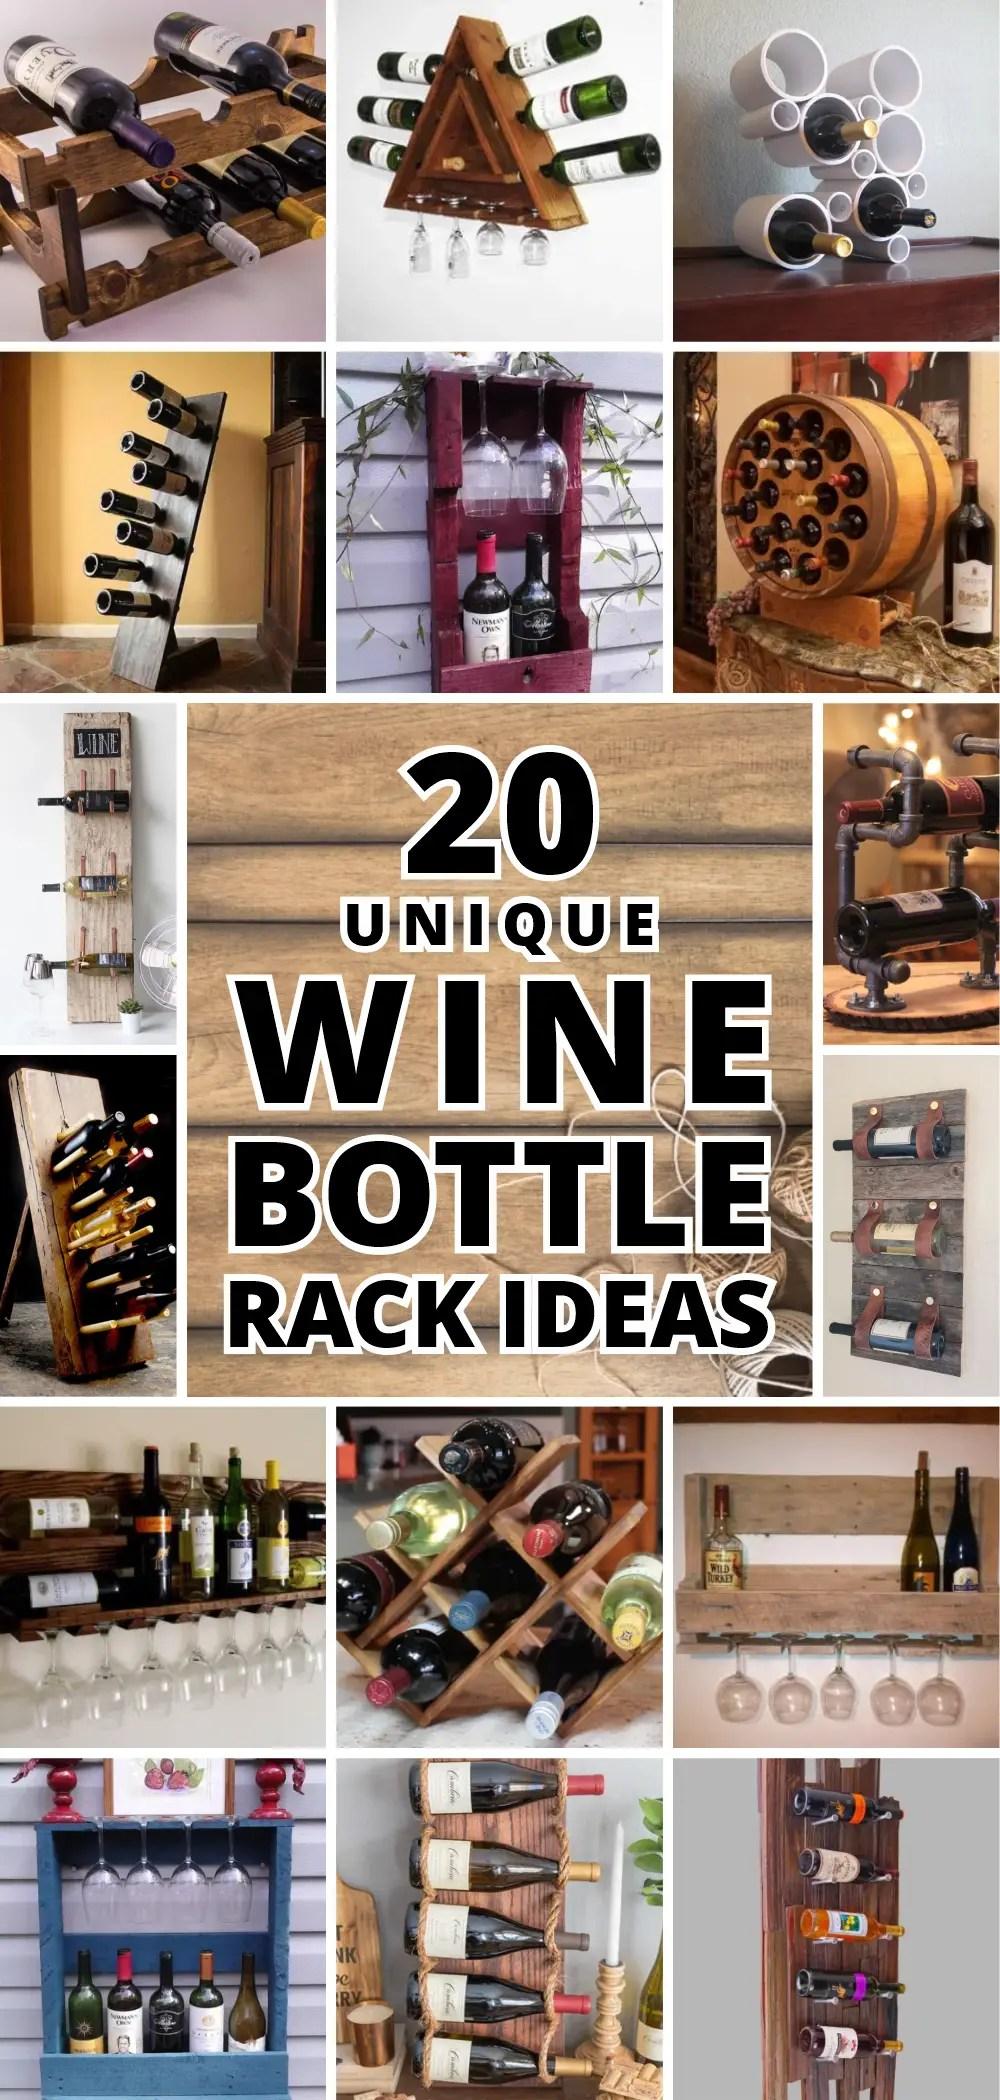 20-unique-wine-bottle-rack-ideas-1